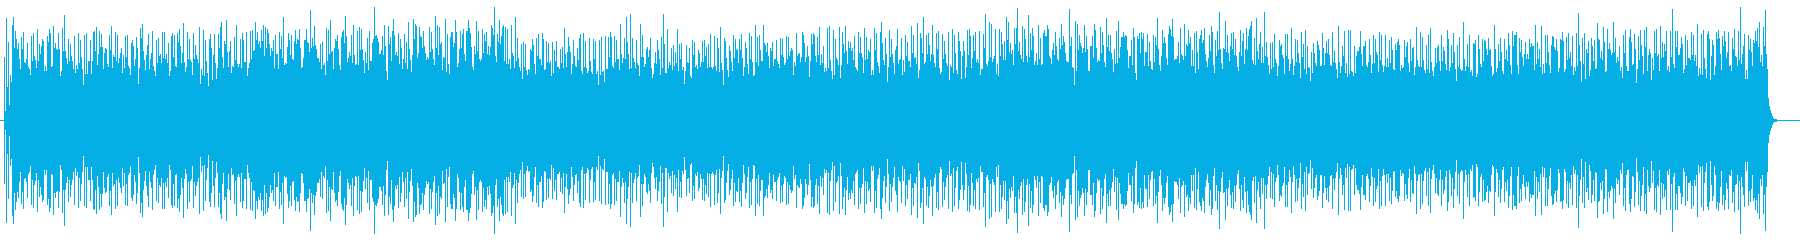 わくわく感のシンセ・ドラムなどのサウンドの再生済みの波形